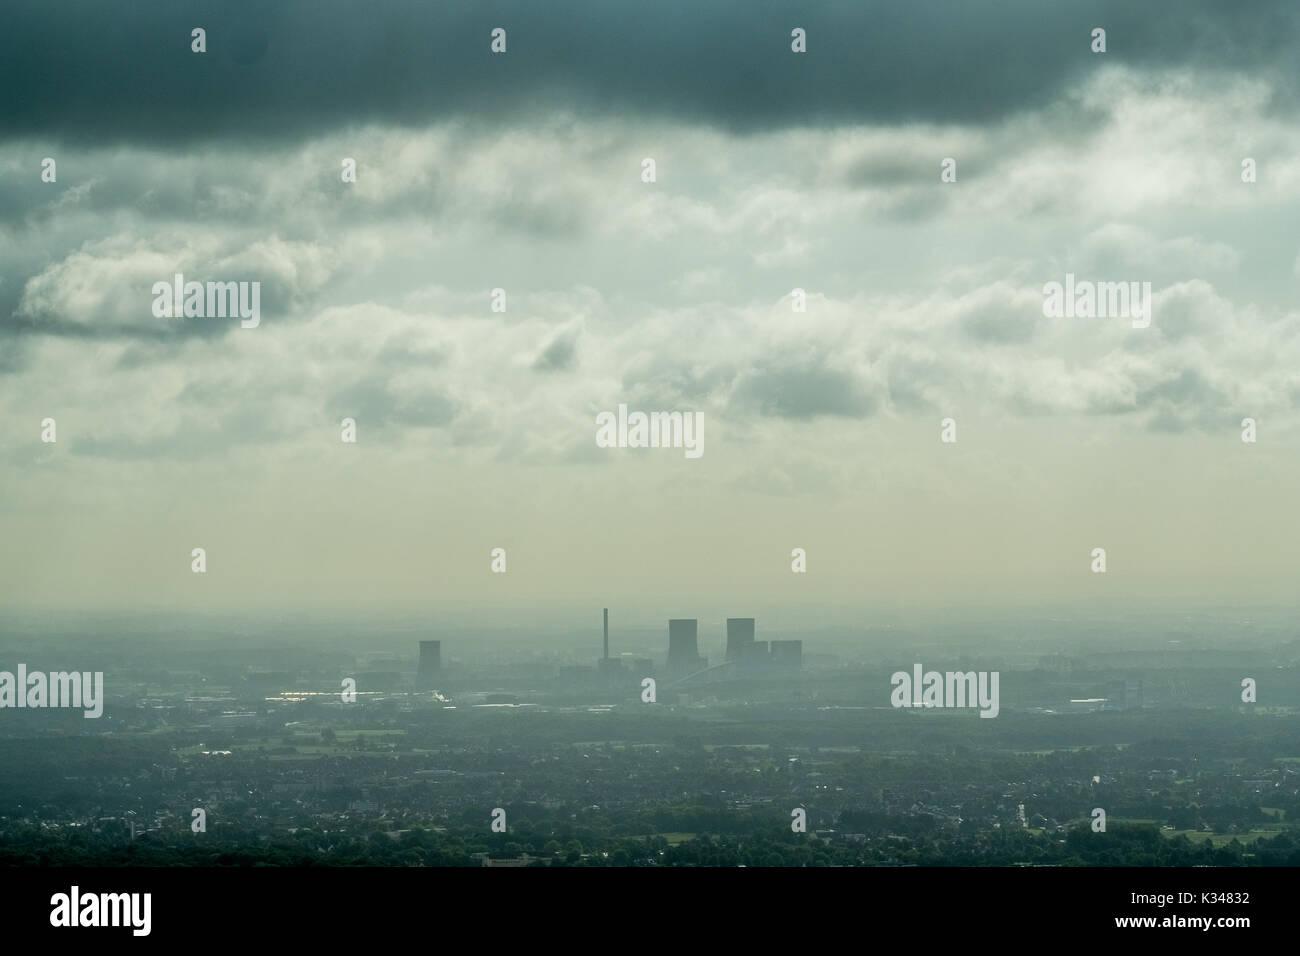 Kraftwerk Westfalen von Bockum-Hövel aus gesehen, Hamm,Dunkle Wolken über dem Hammer Kraftwerk,  Nordrhein-Westfalen, Deutschland, Europa, Hamm, Lufta - Stock Image